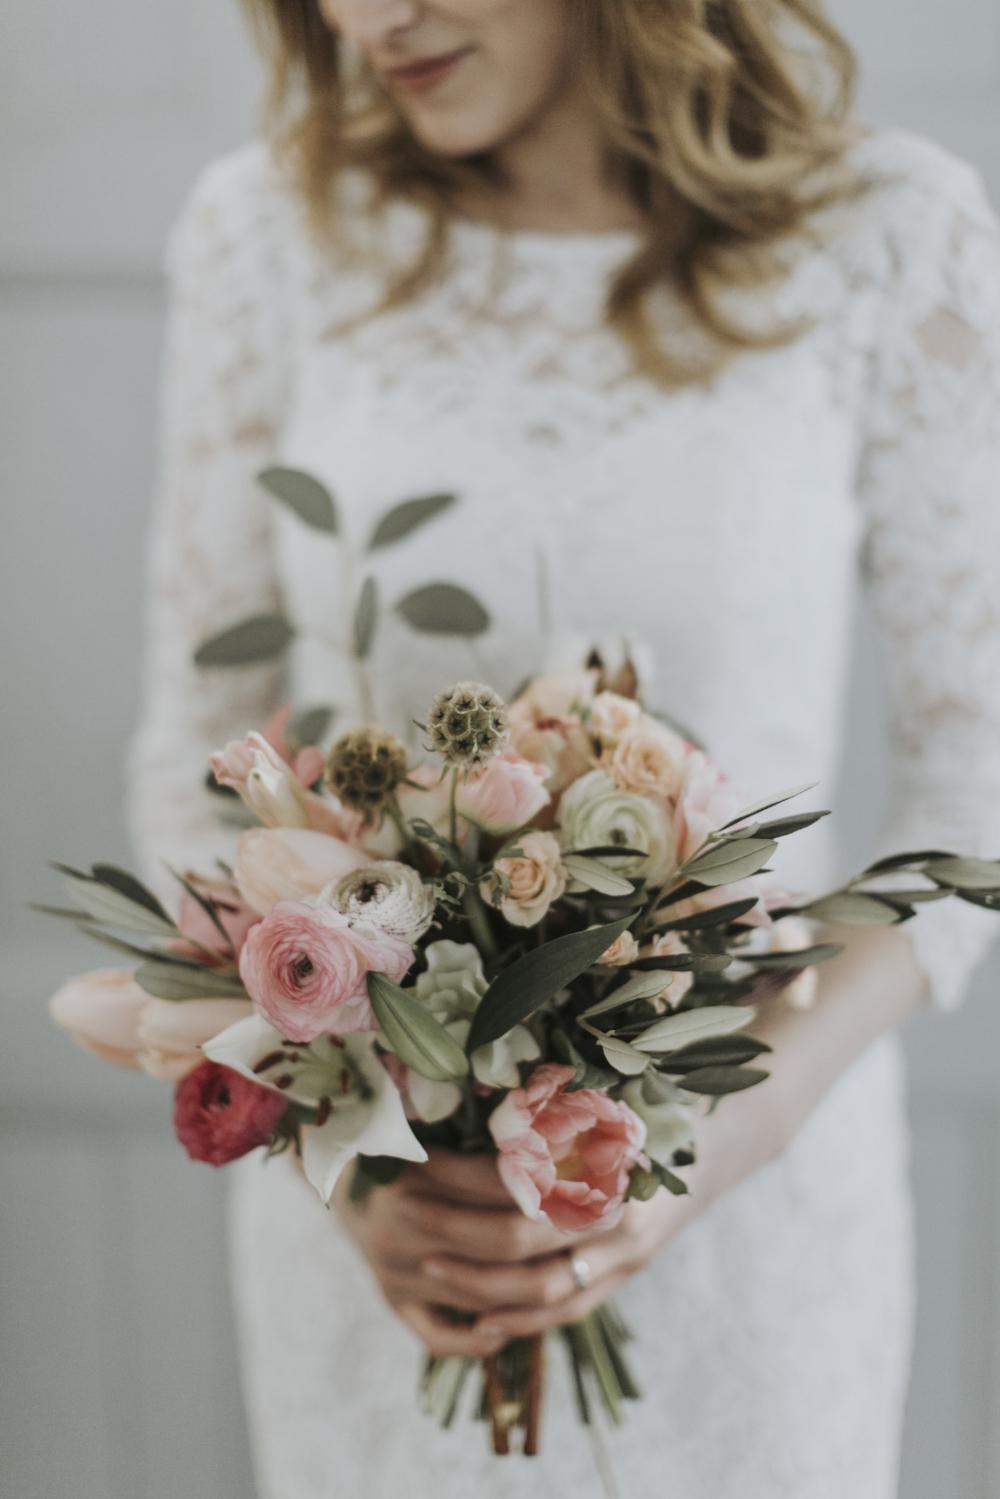 Skillad, blomsterdesign